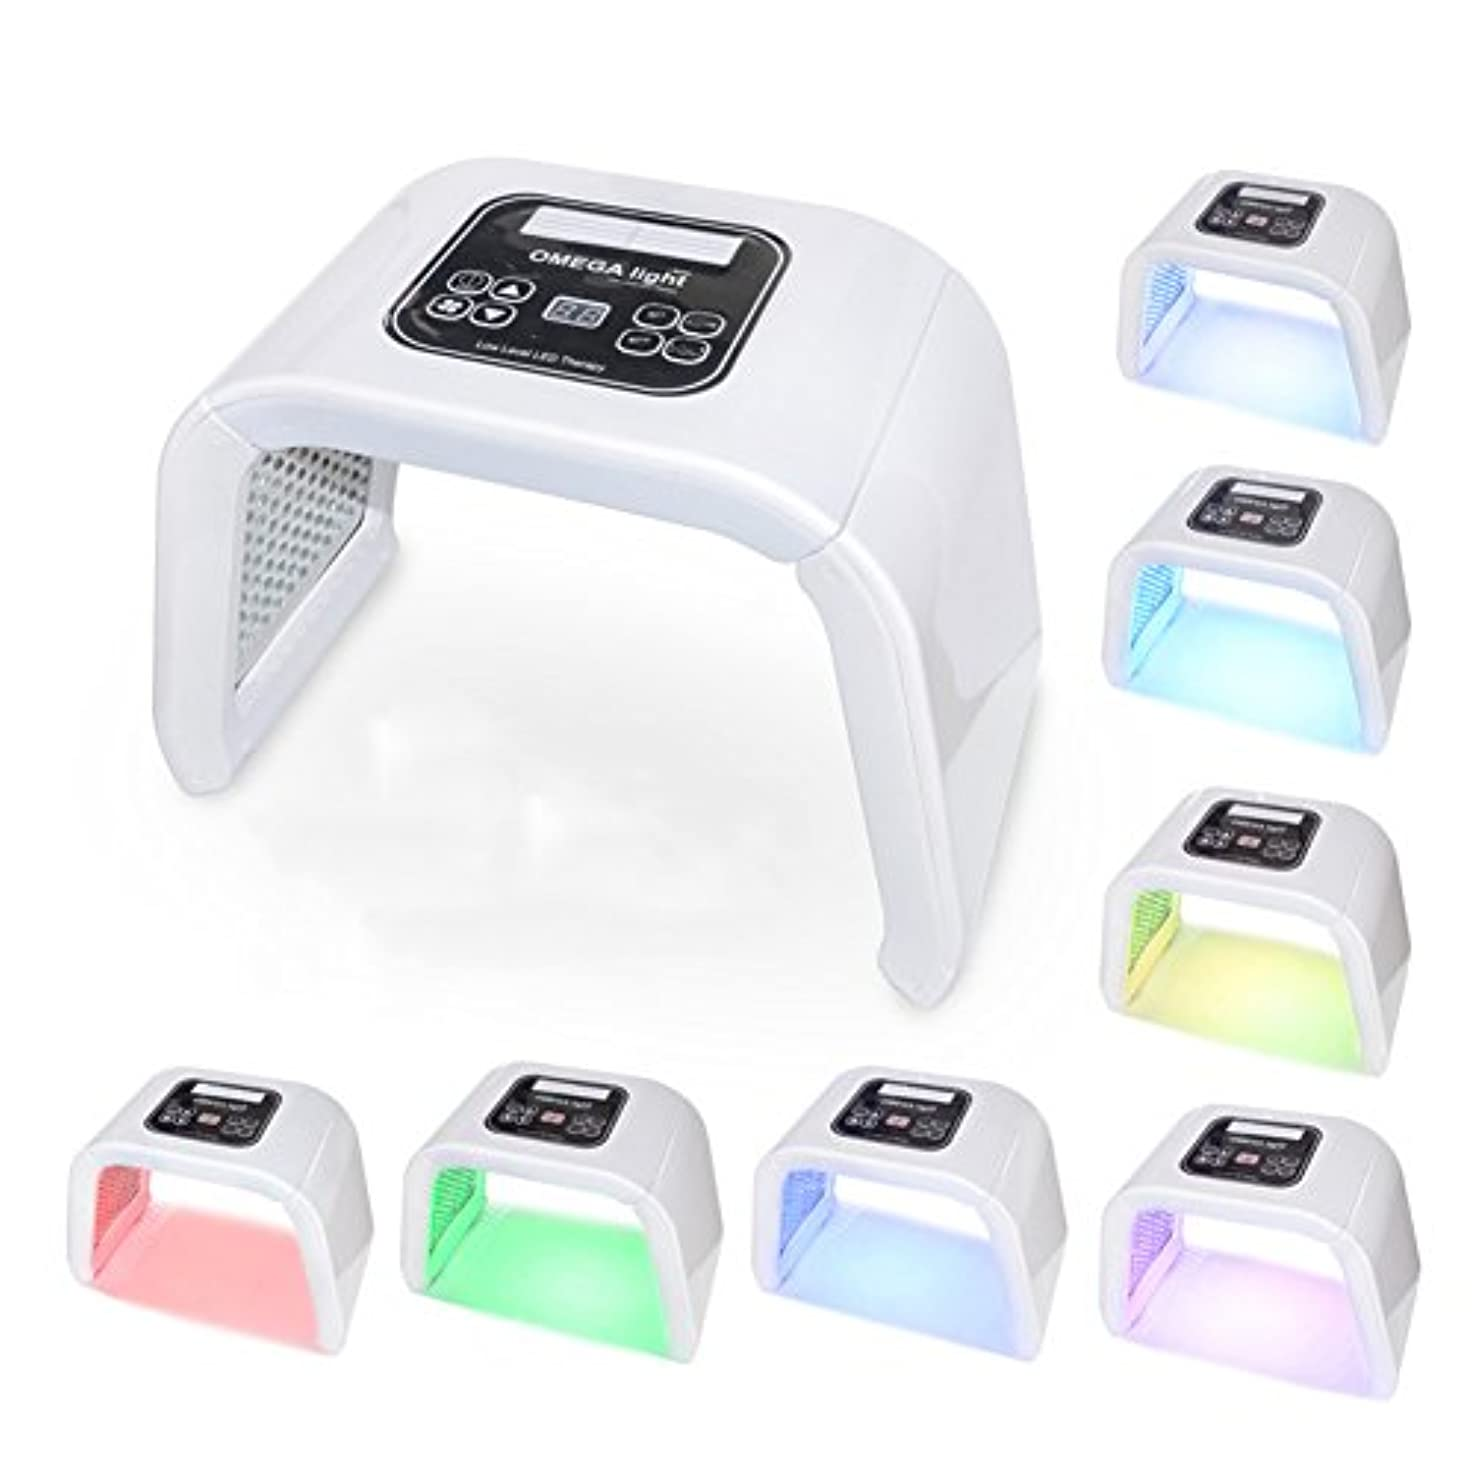 ラブ重要性殺人者光子治療器7色ライトニキビ美容器具,White